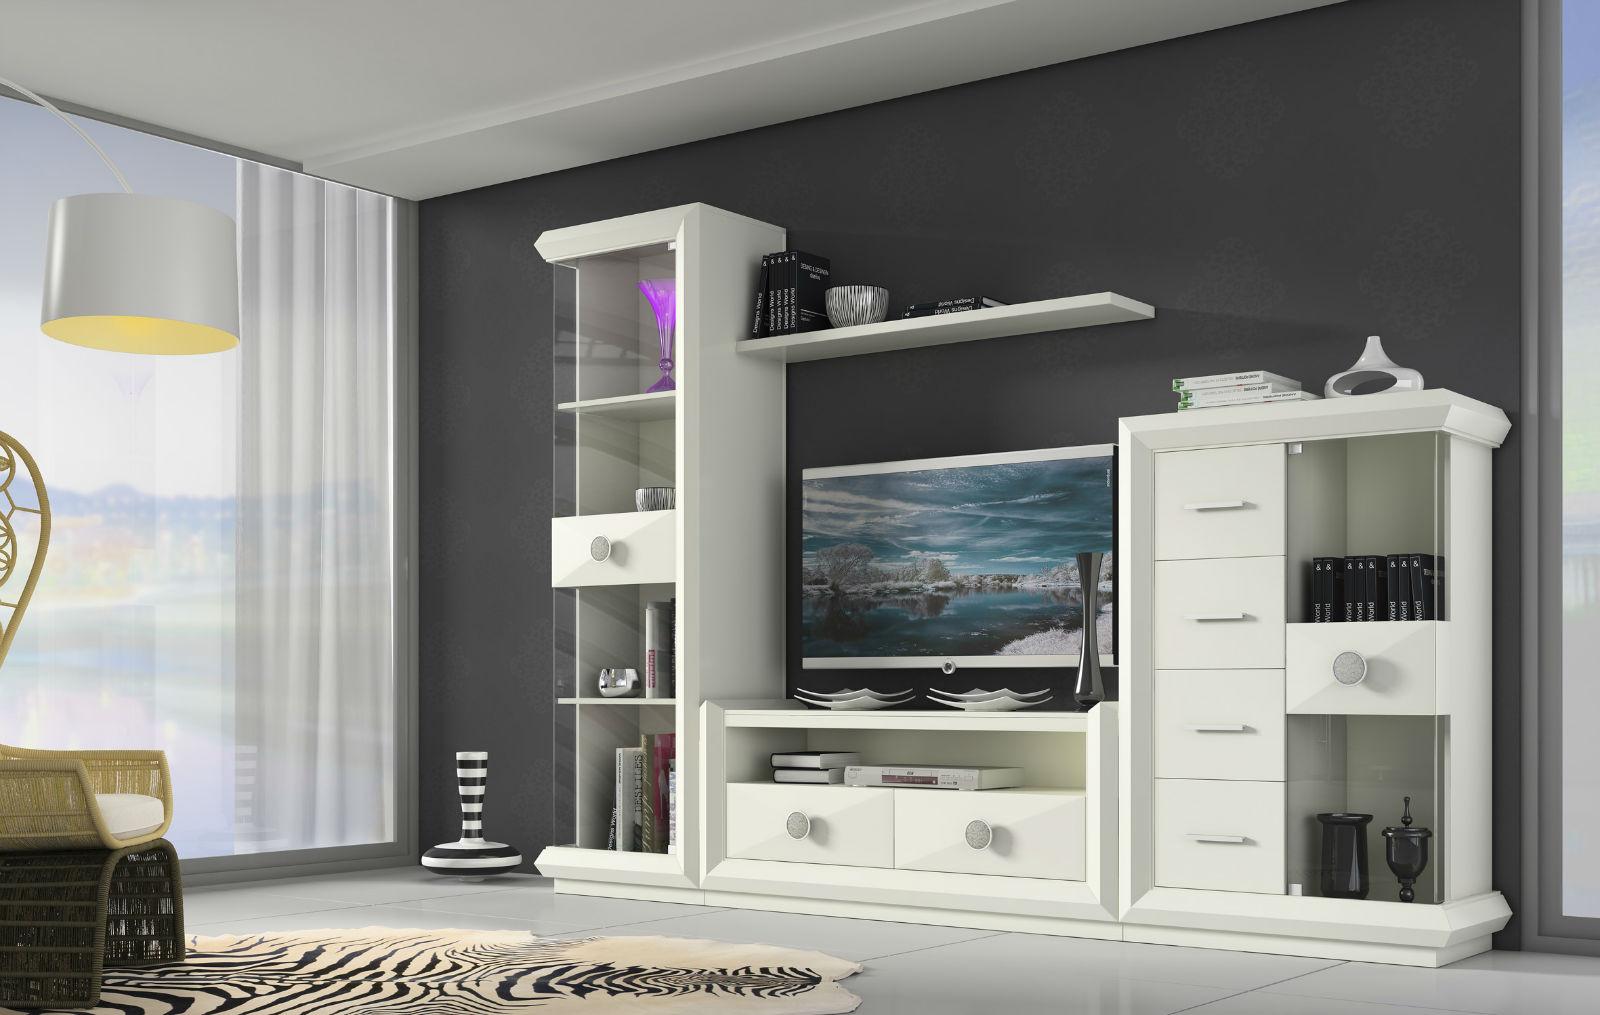 Sal n blanco moderno muebles avalos for Muebles de comedor modernos y baratos